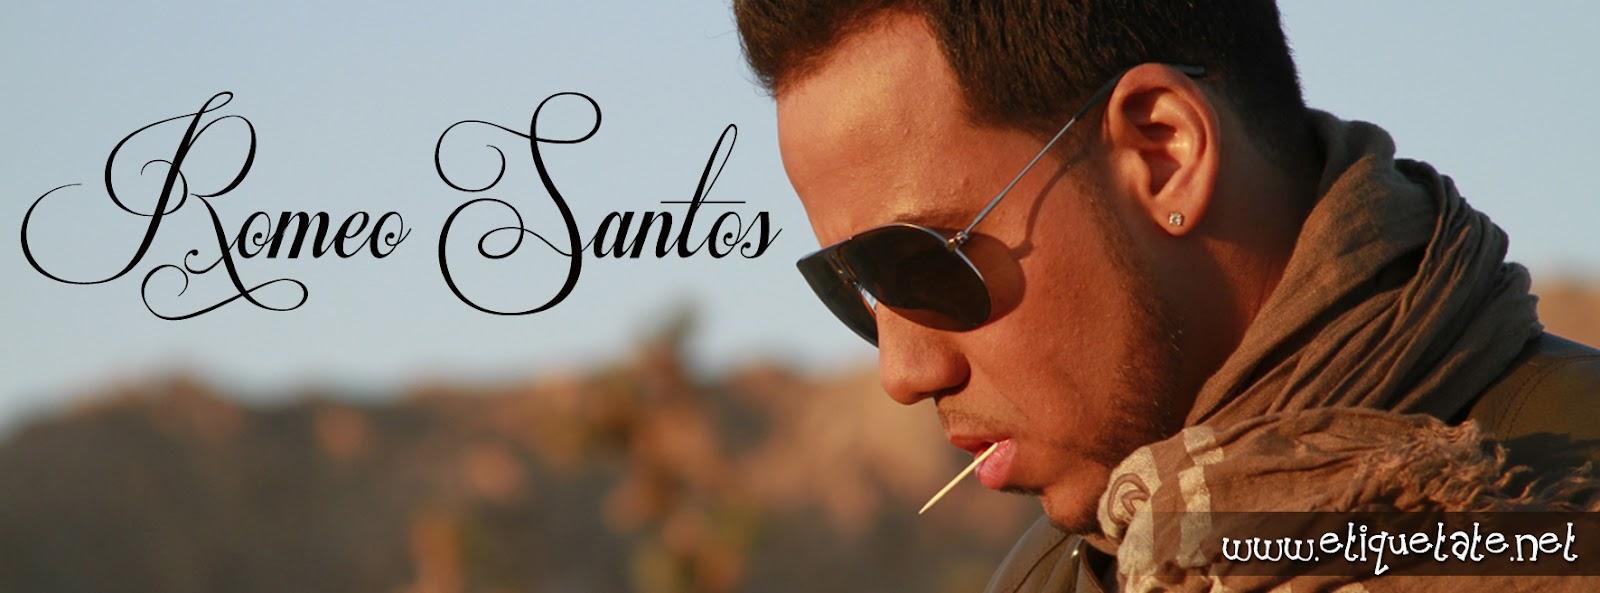 12 mejores frases de canciones de Romeo Santos (FOTOS